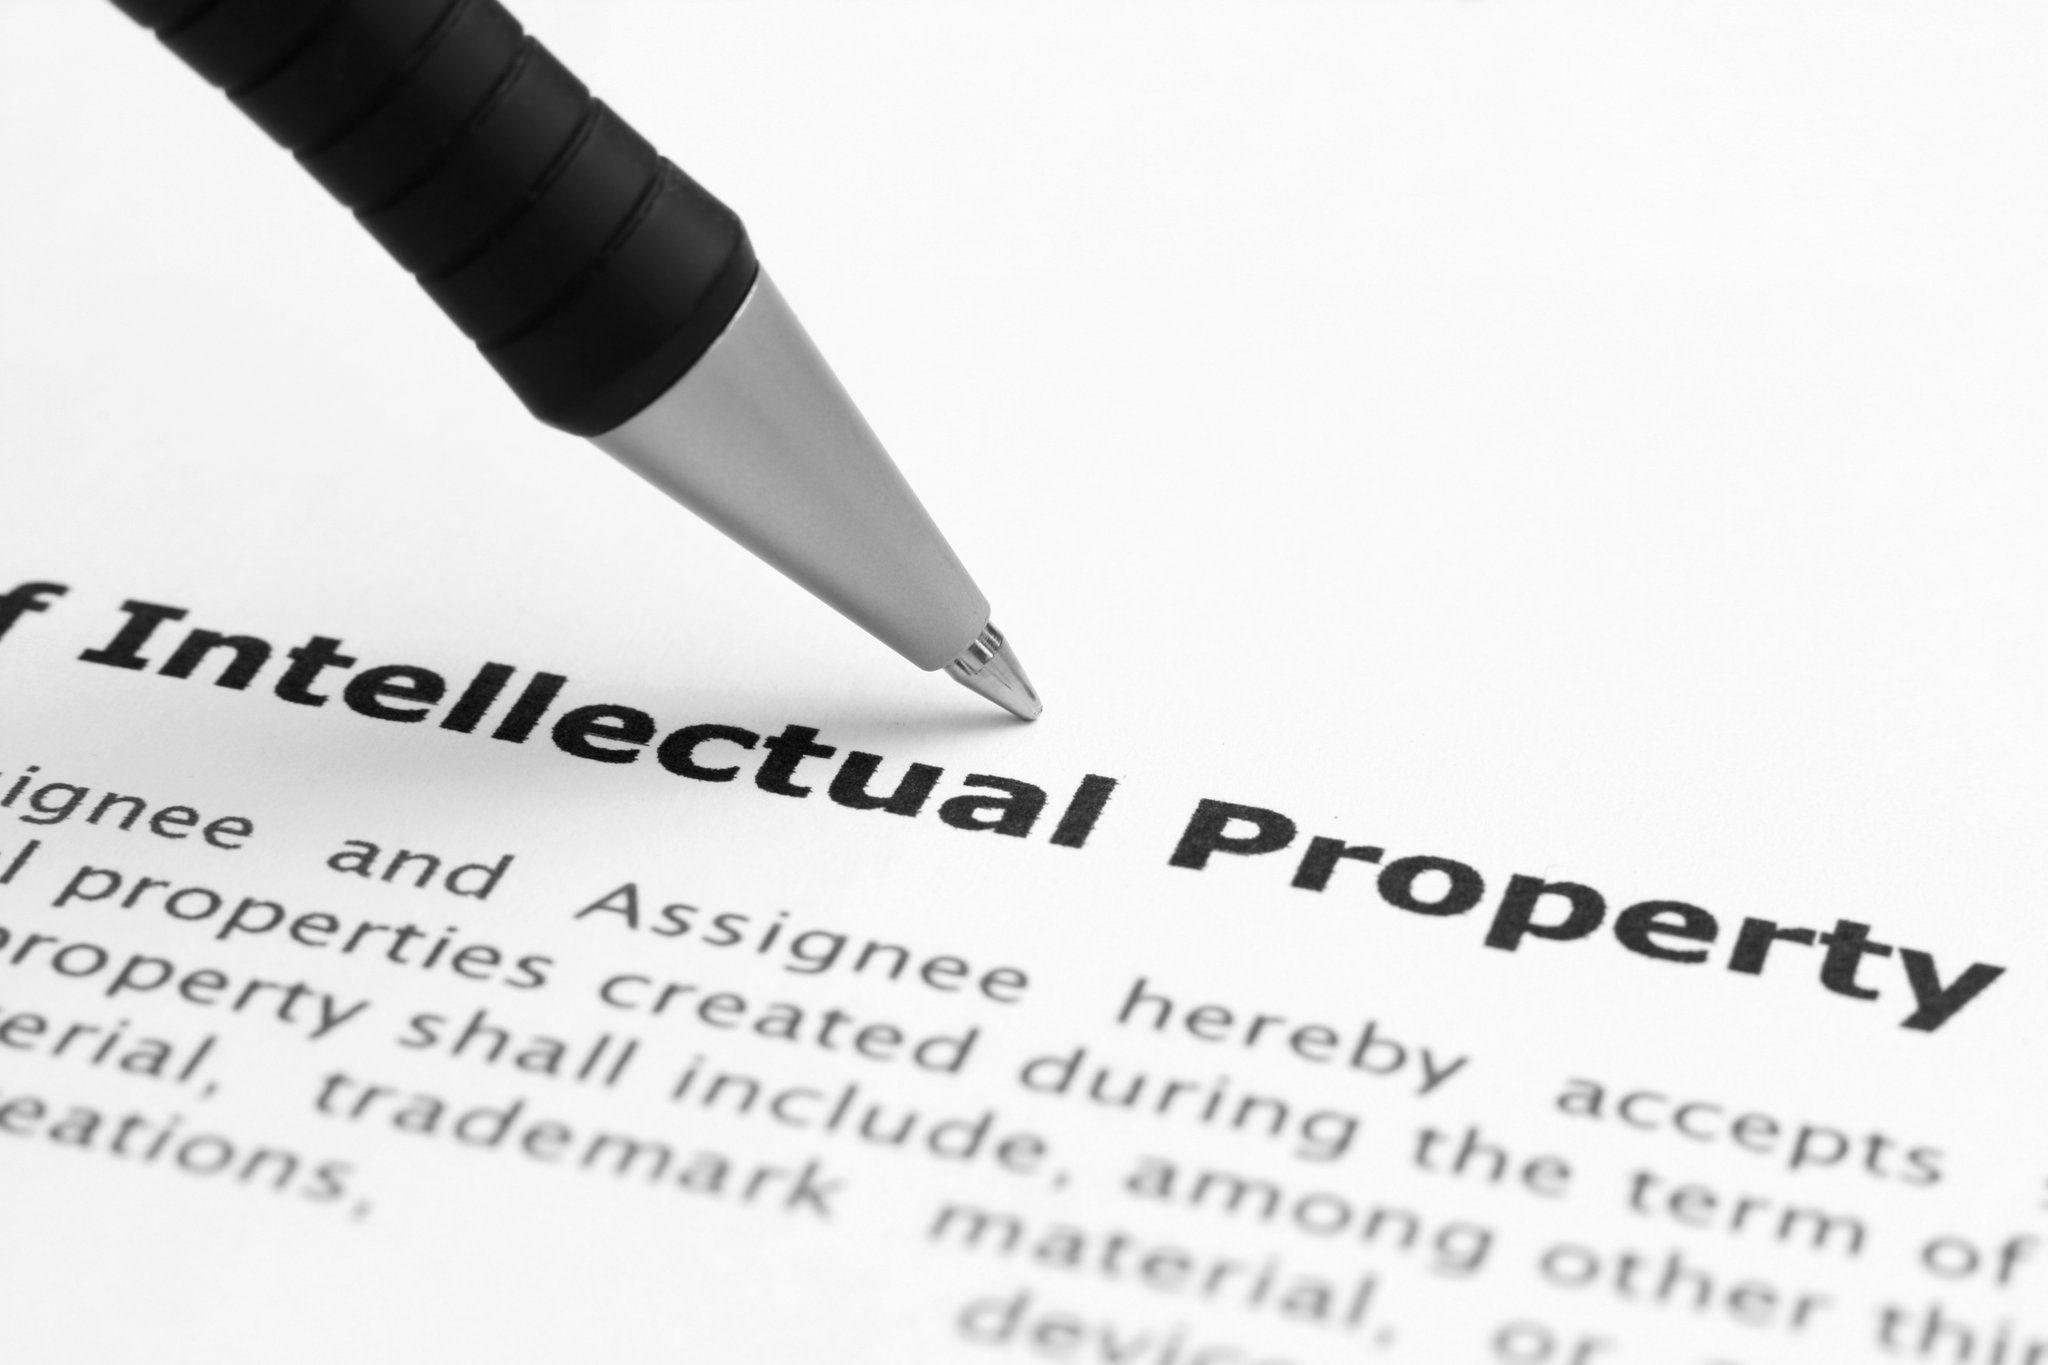 La propiedad intelectual y los derechos y deberes de los comerciantes